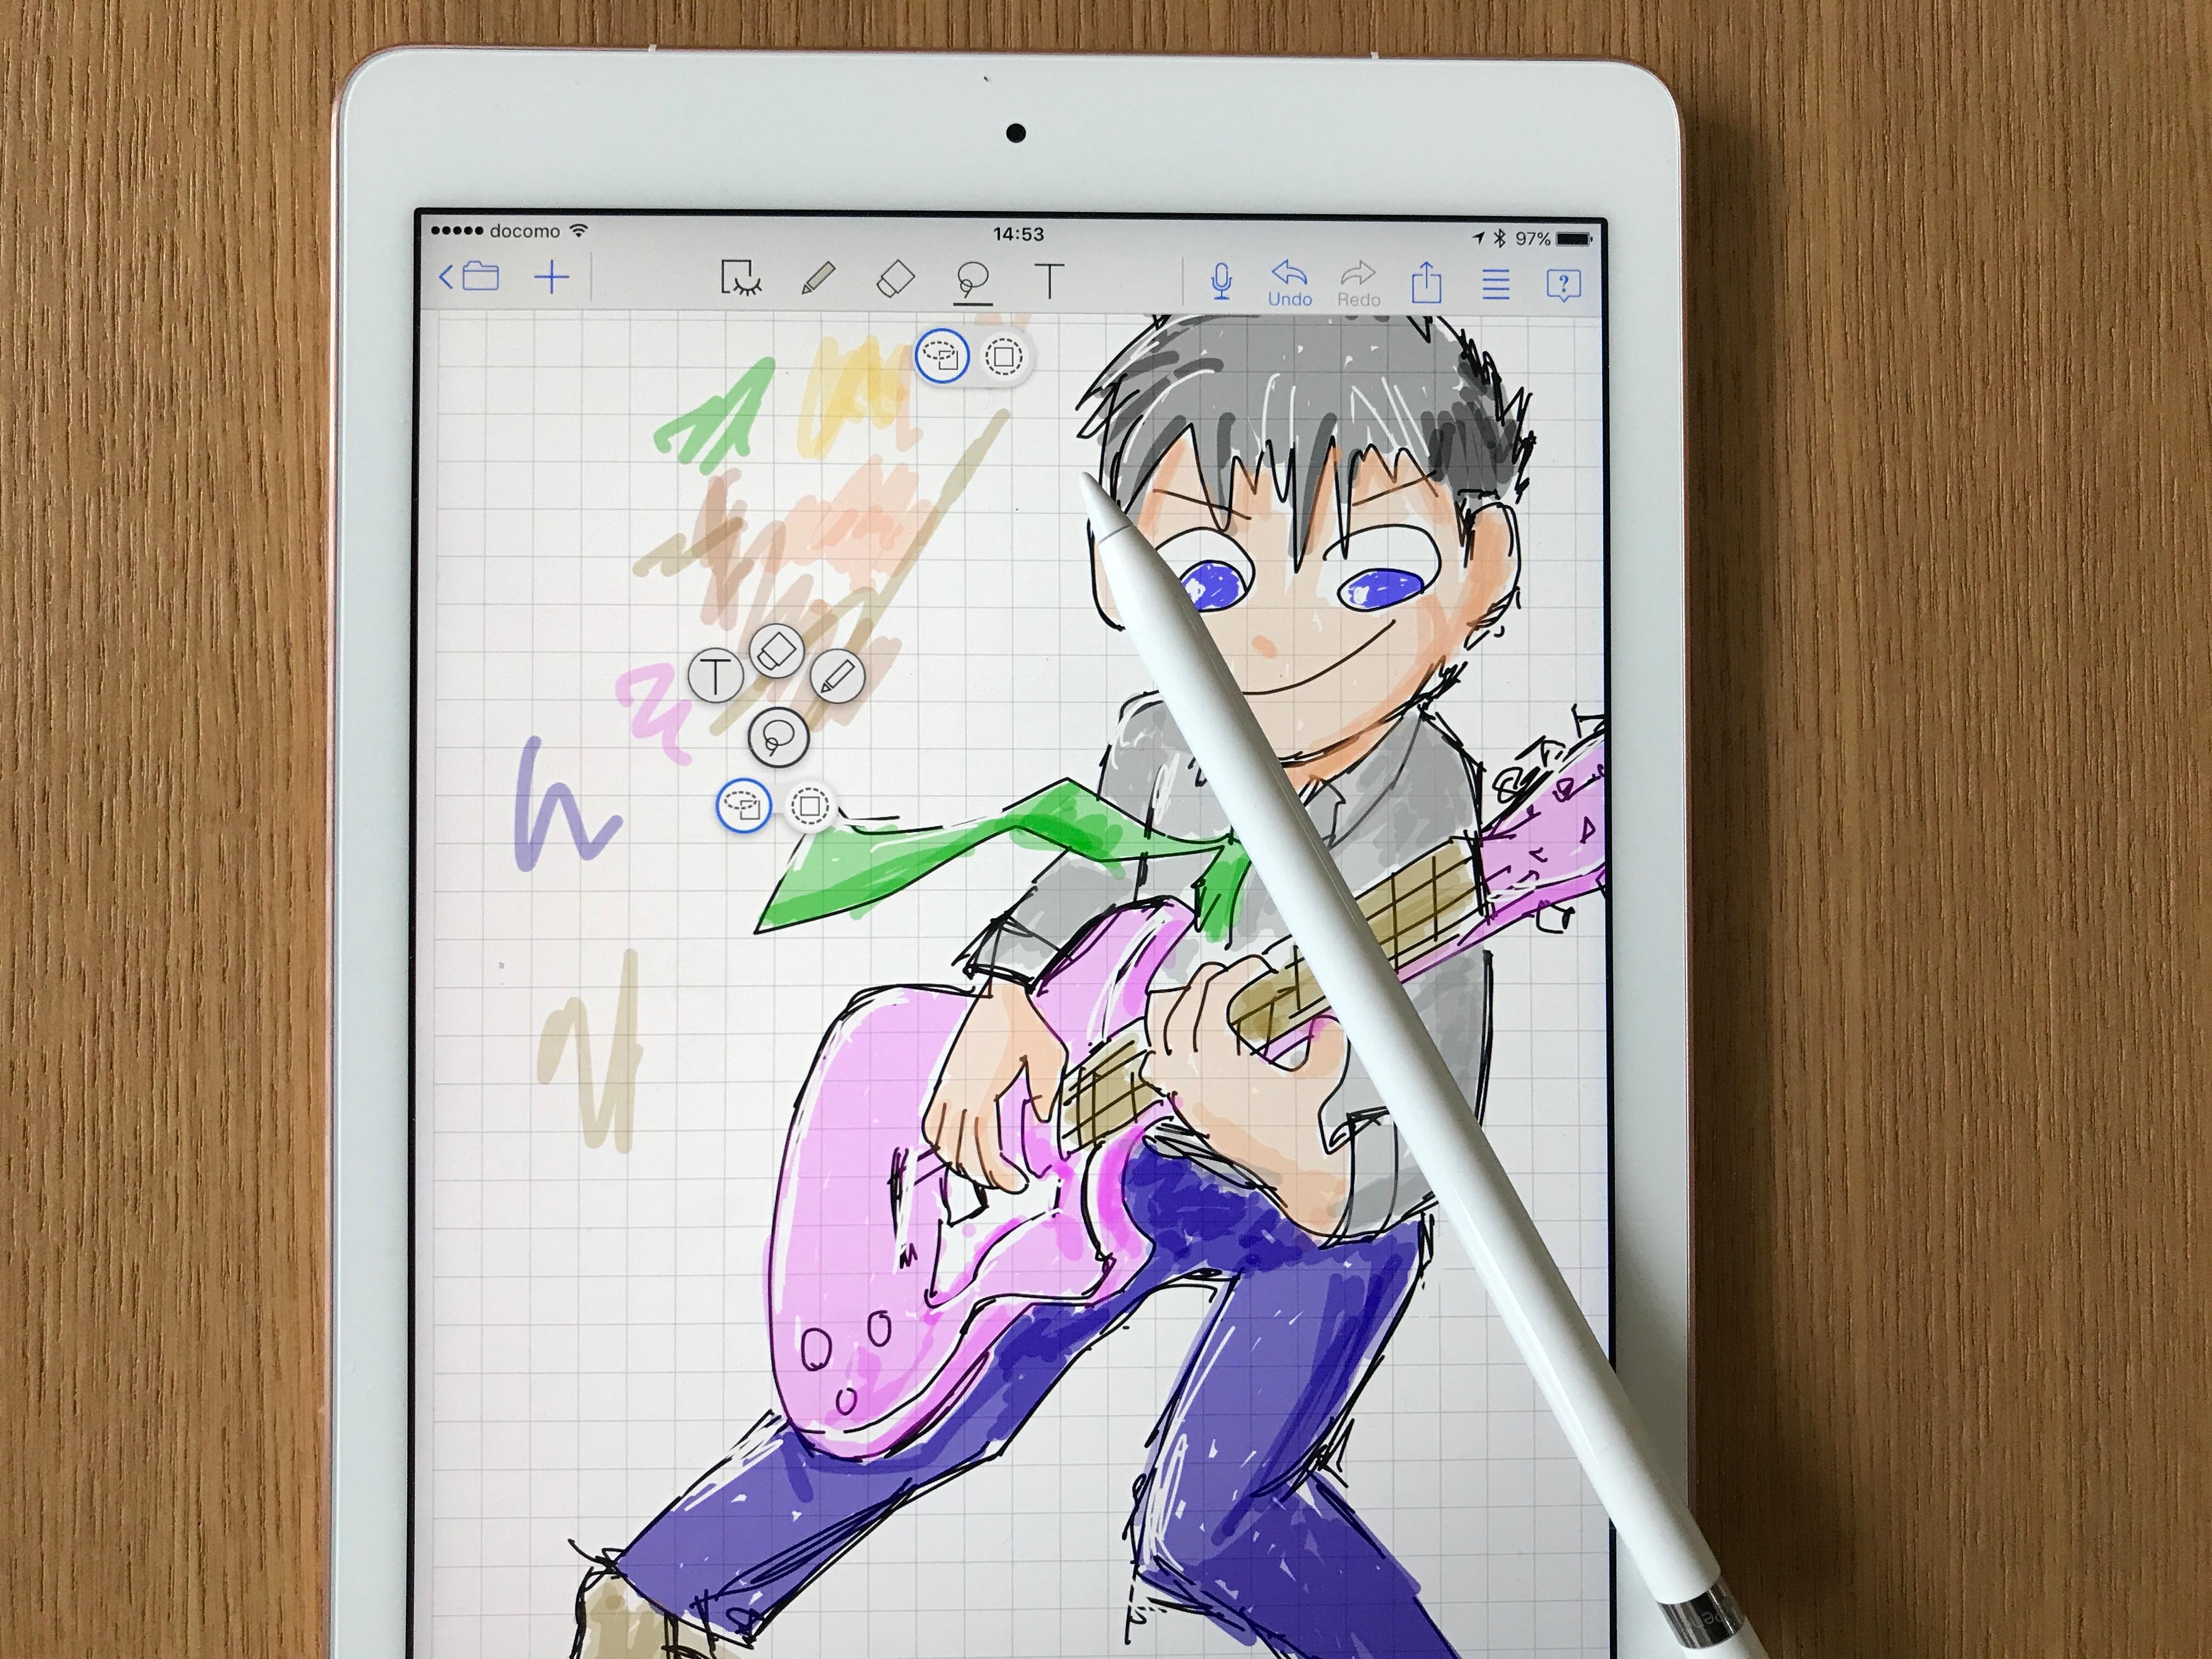 MetaMoji NoteとApple Pencilで描きました